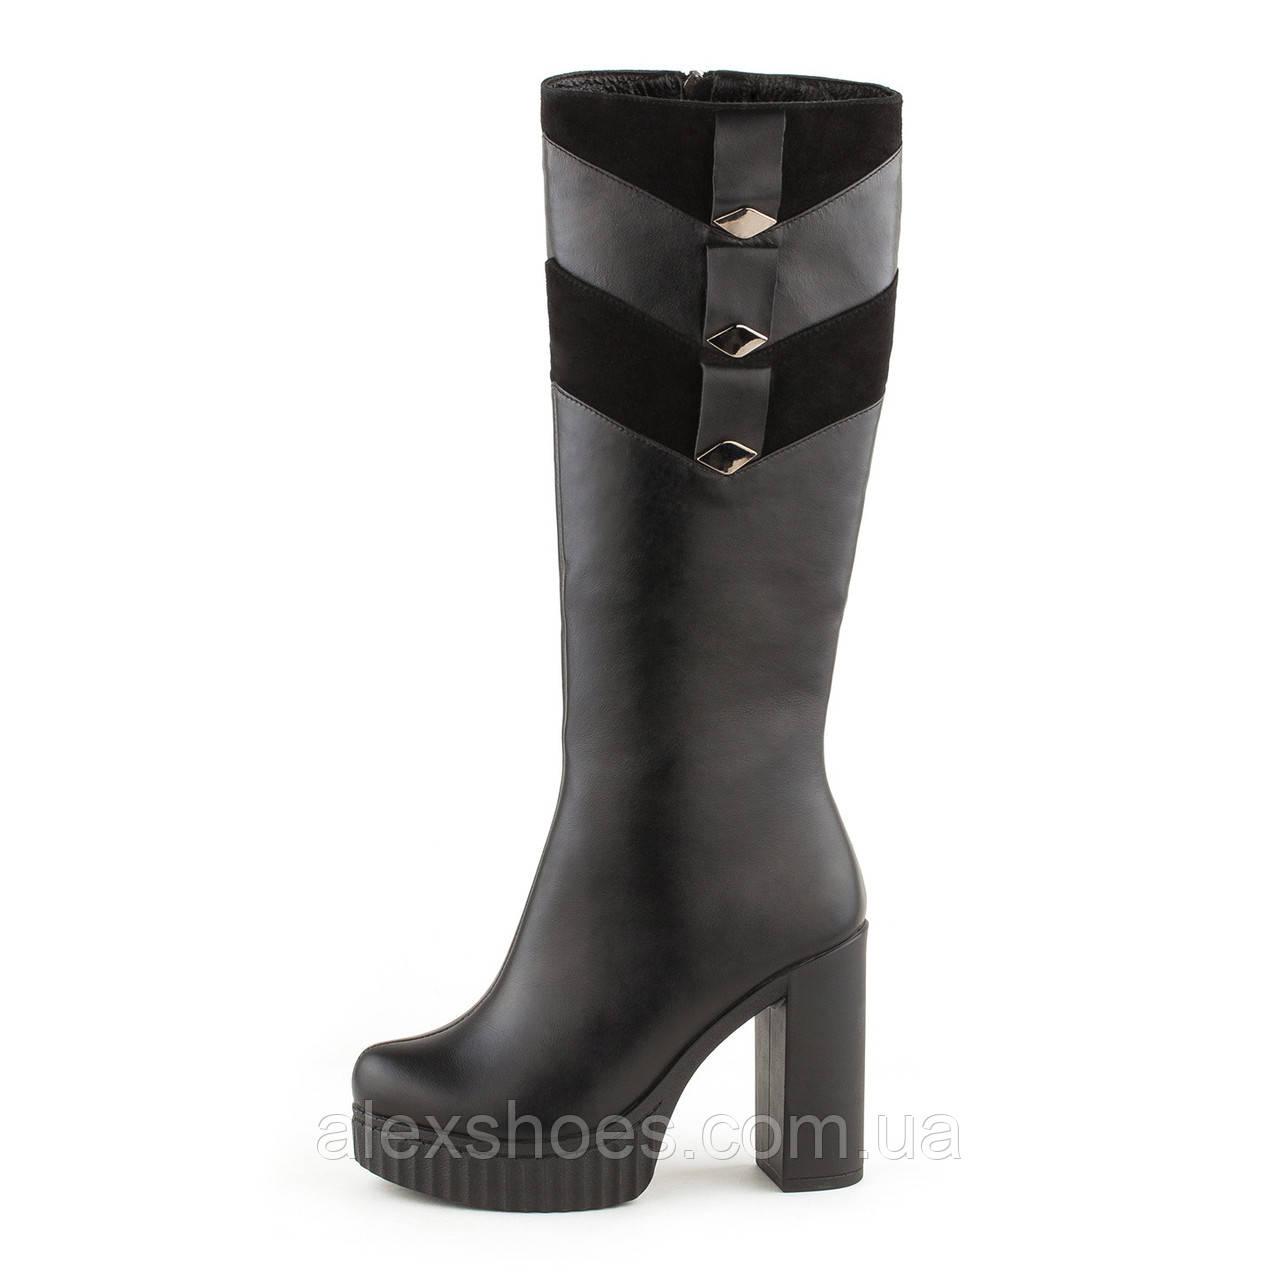 Сапоги женские демисезонные на высоком устойчивом каблуке из натуральной кожи от производителя модель ОУ86818